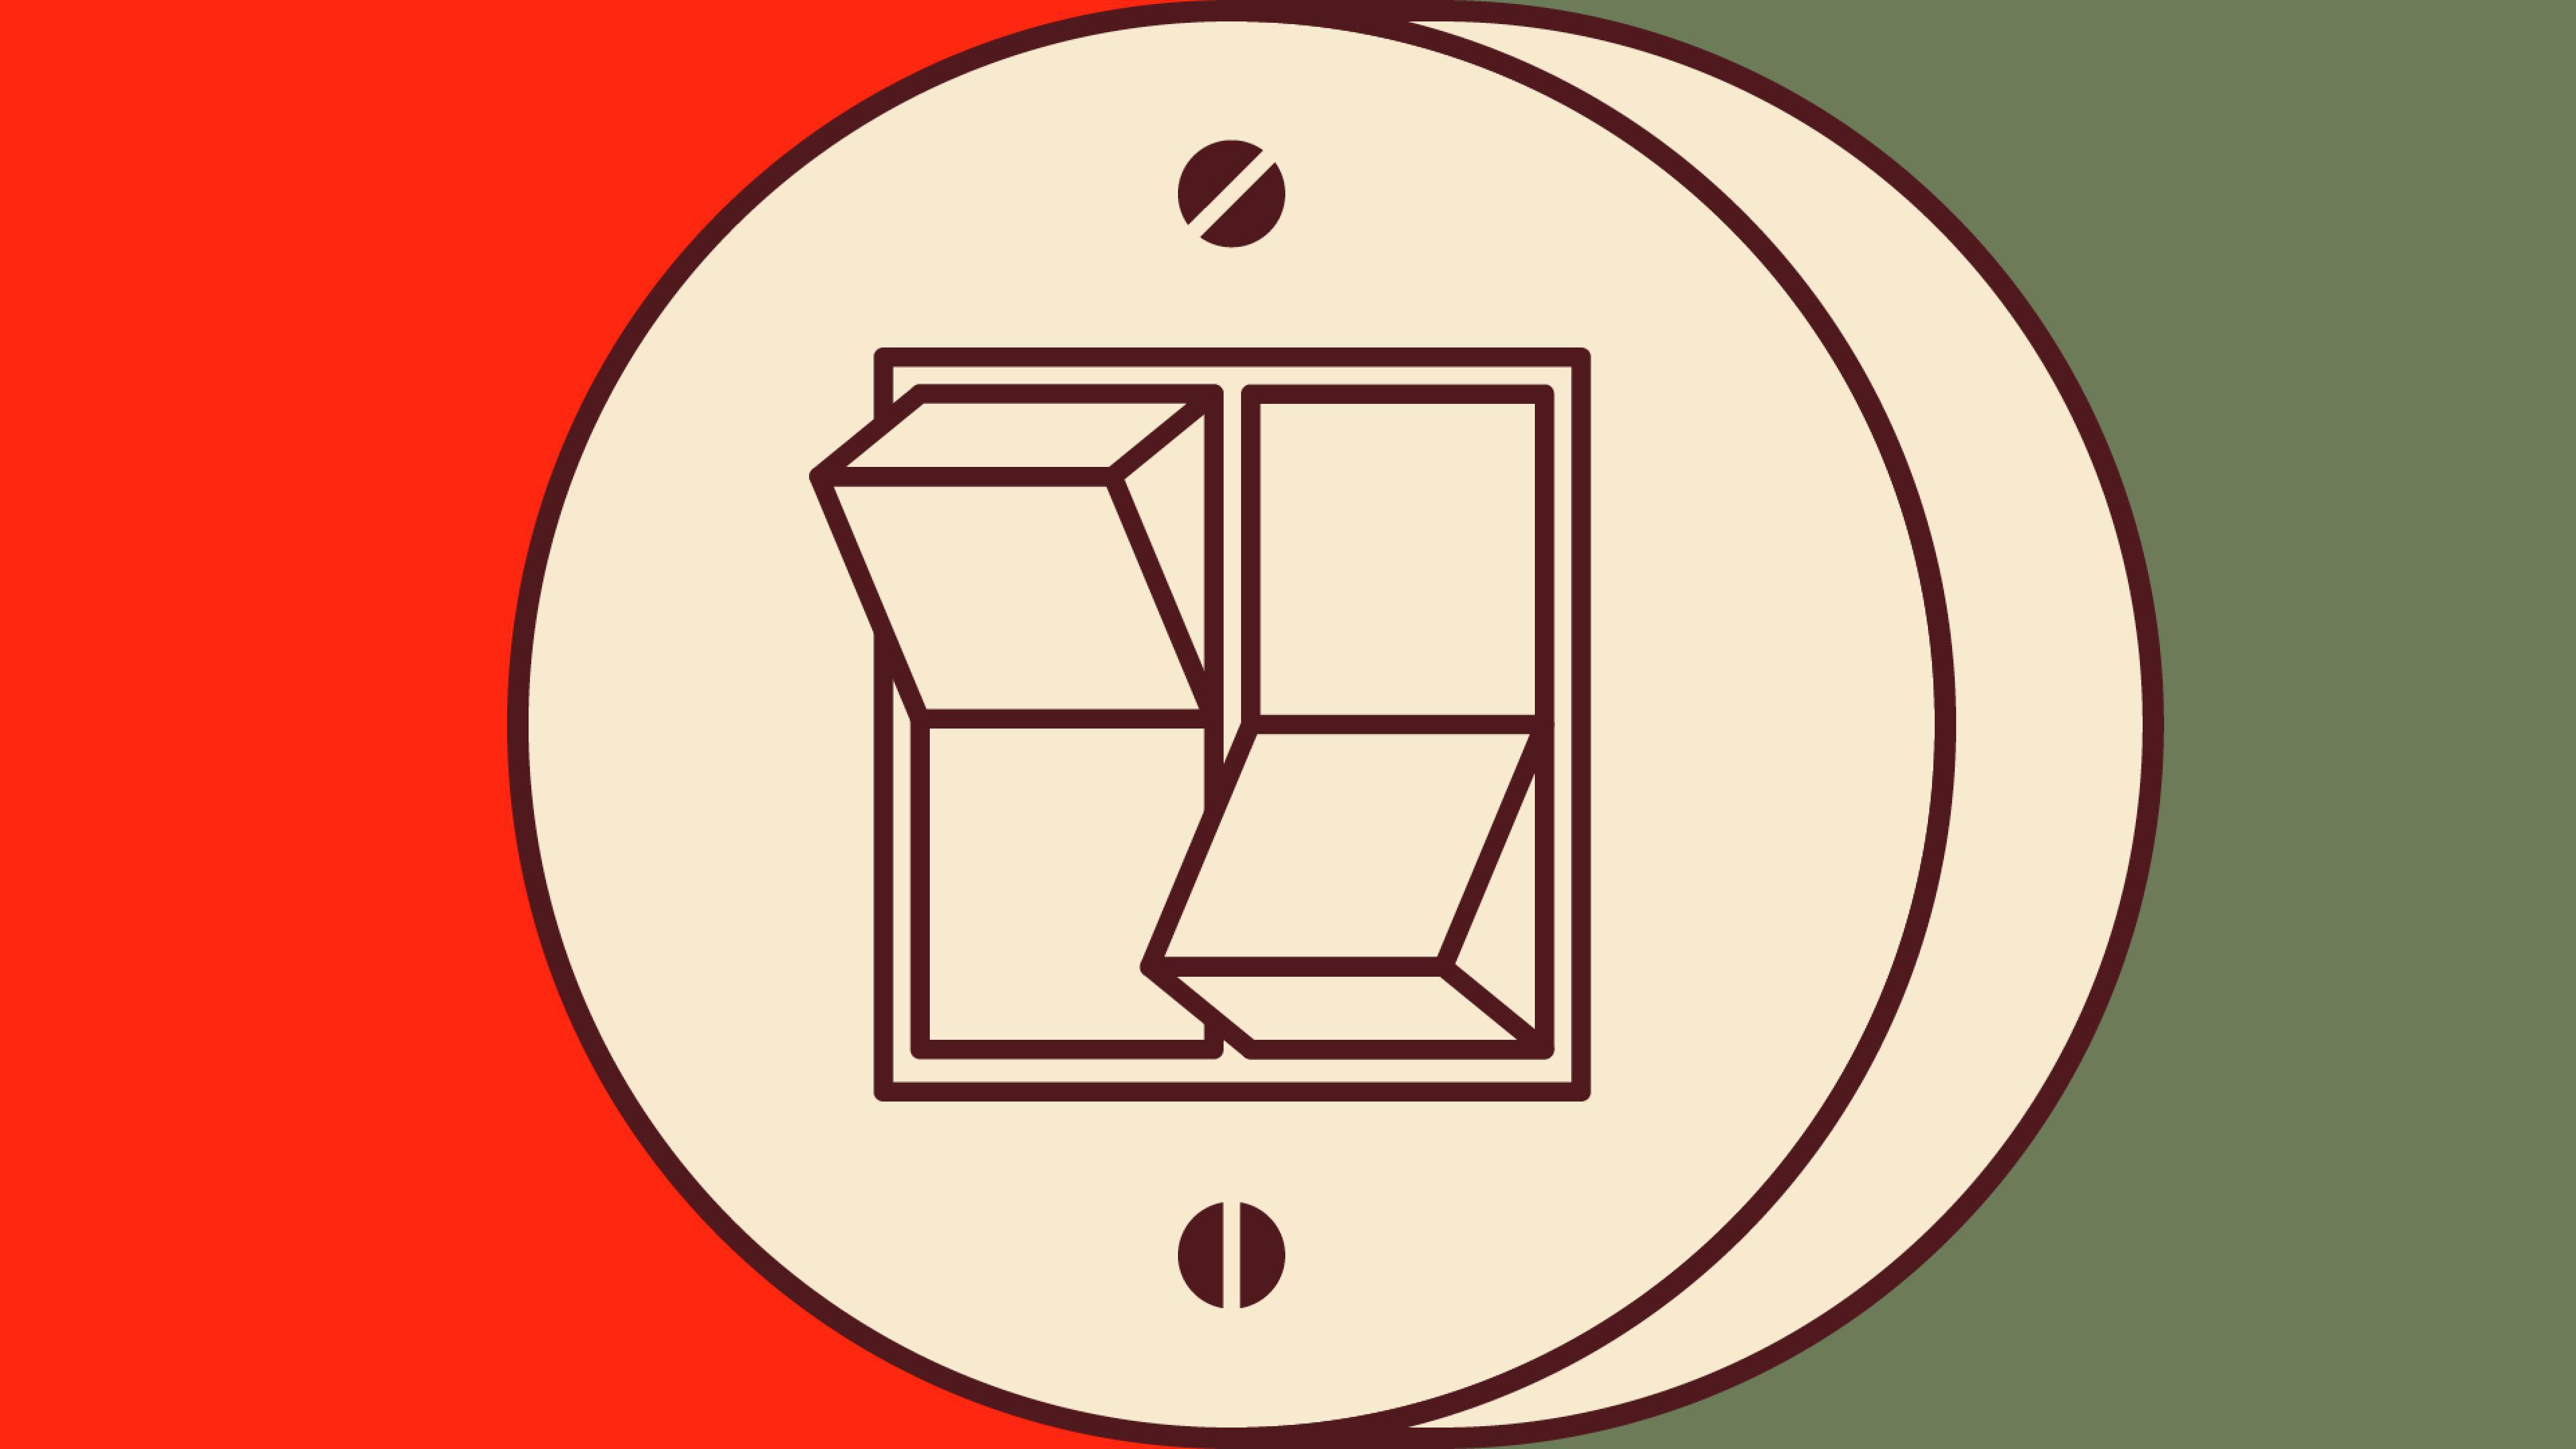 DOK Leipzig Plakat-Sujet 2021: Ein runder Doppelschalter im Retro-Design. Der Schalter links ist nach oben gekippt, der rechte nach unten.